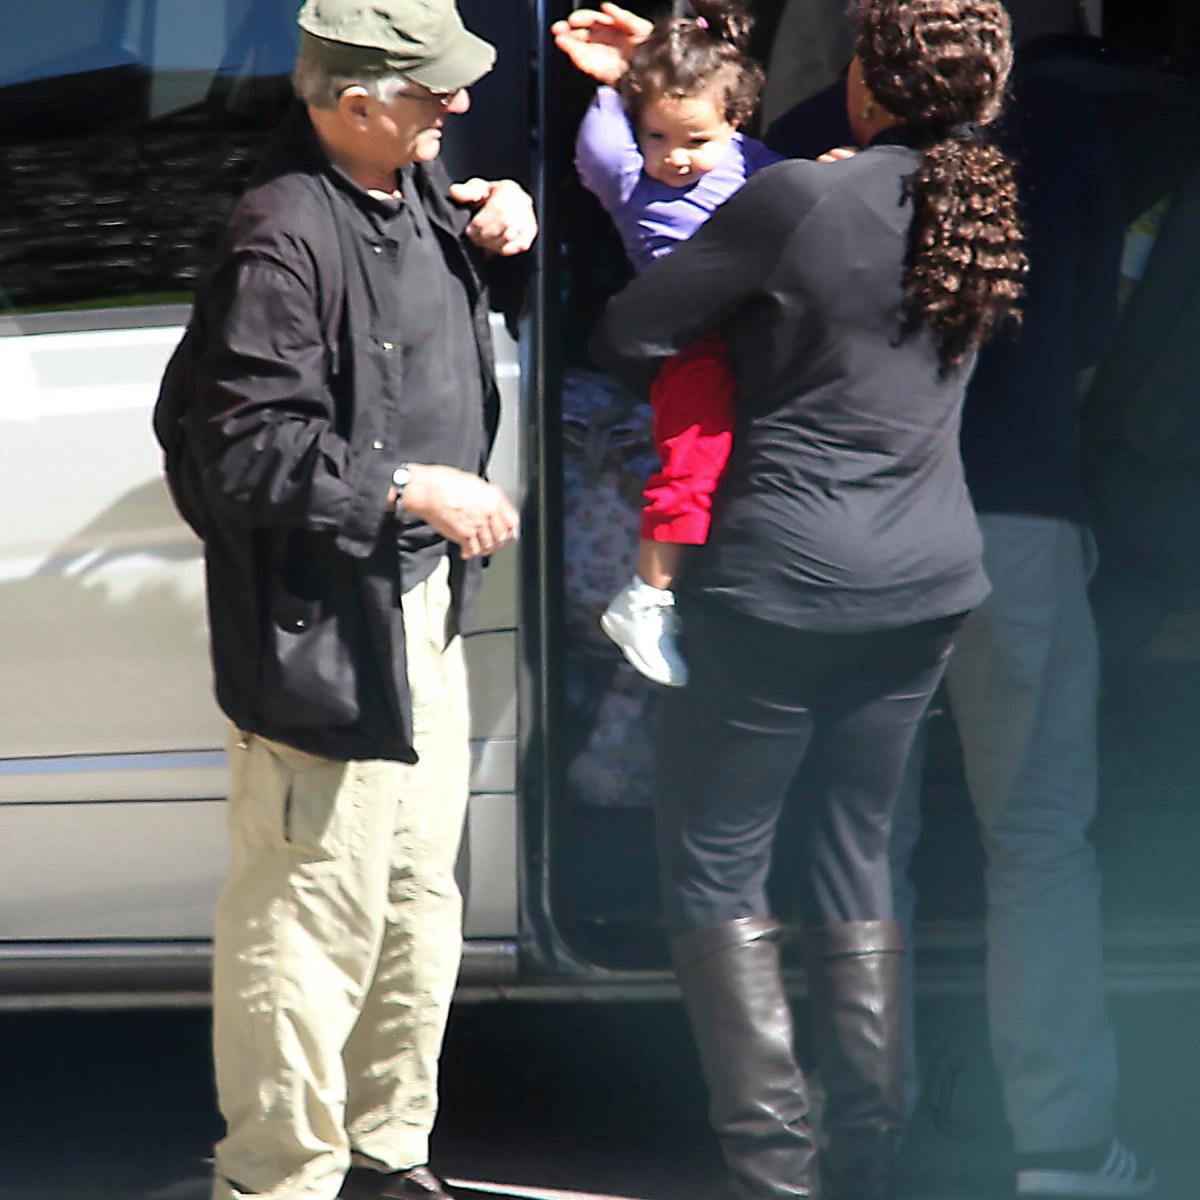 Robert De Niro Deserves a Best Father Award — Meet the 'Taxi Driver' Star's 6 Kids!